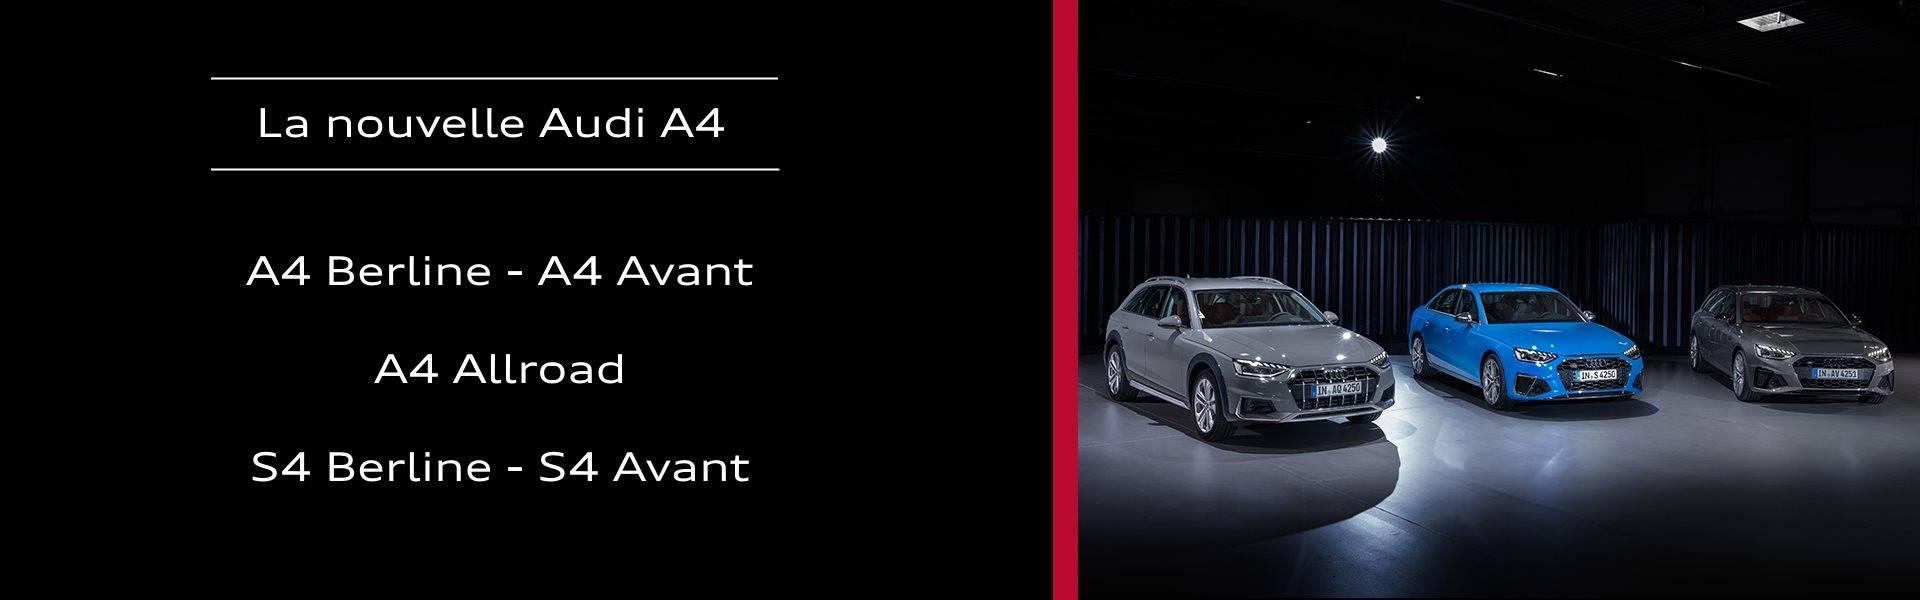 Nouvelle Audi A4 2019-2020 Avant S4 allroad quattr